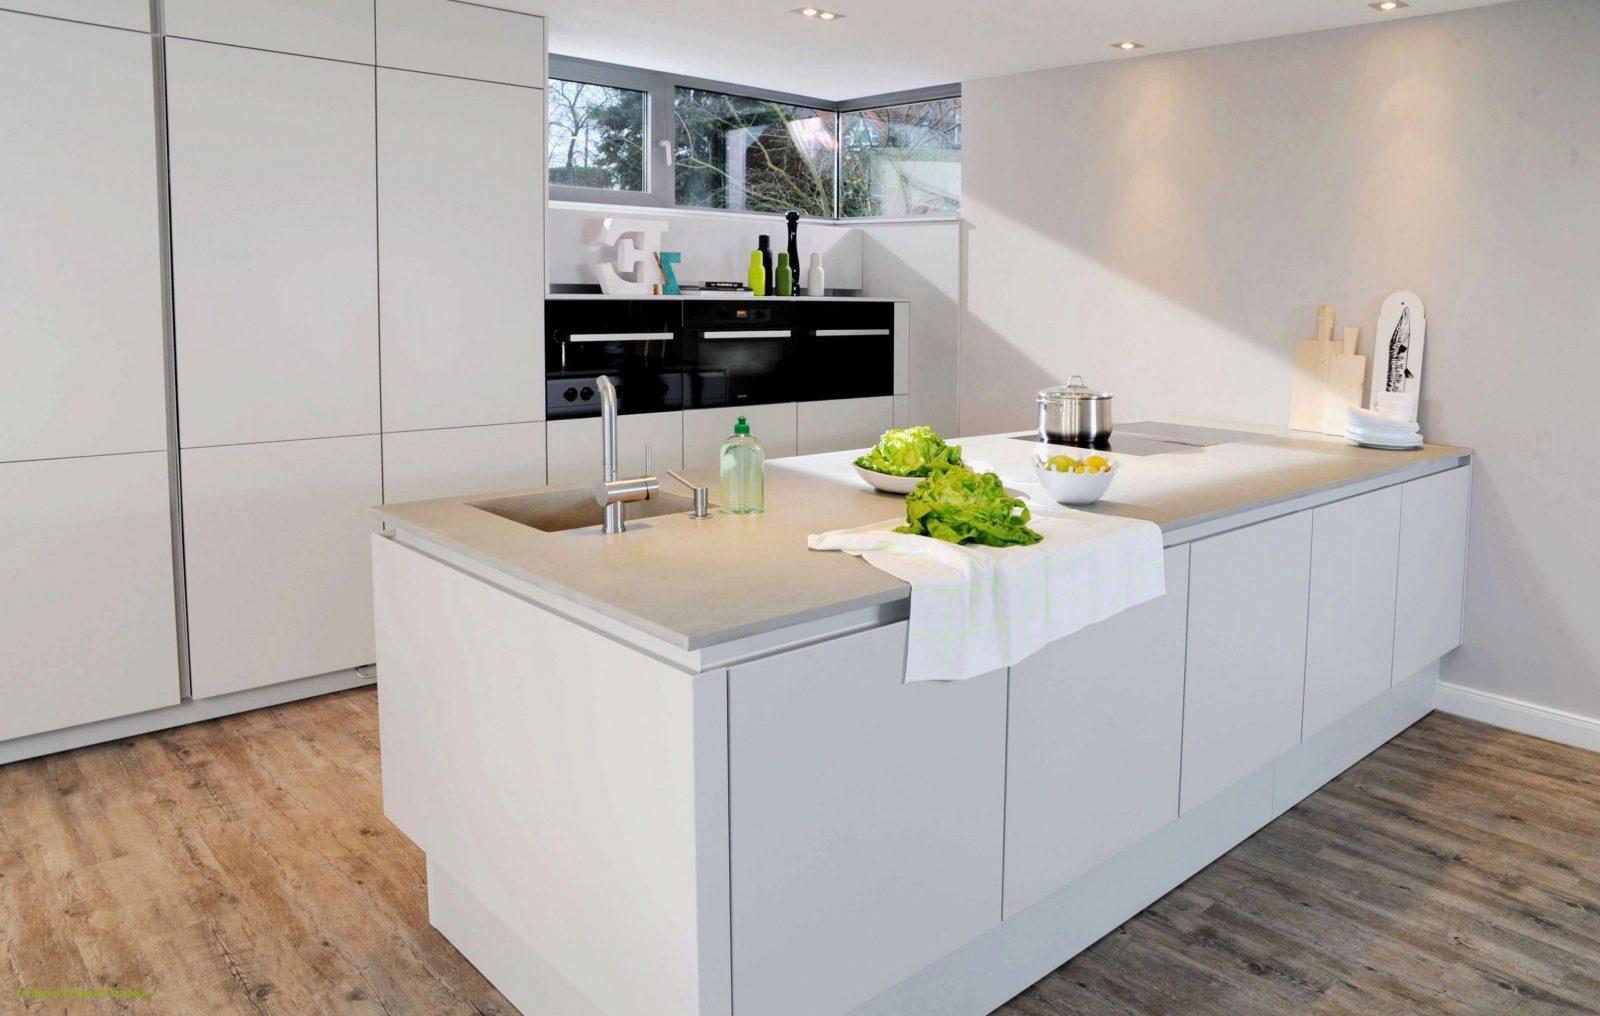 73 Luxus Bilder Von Küchen Ohne Hängeschränke  Das Neueste Konzept von Beleuchtung Küche Ohne Oberschränke Photo